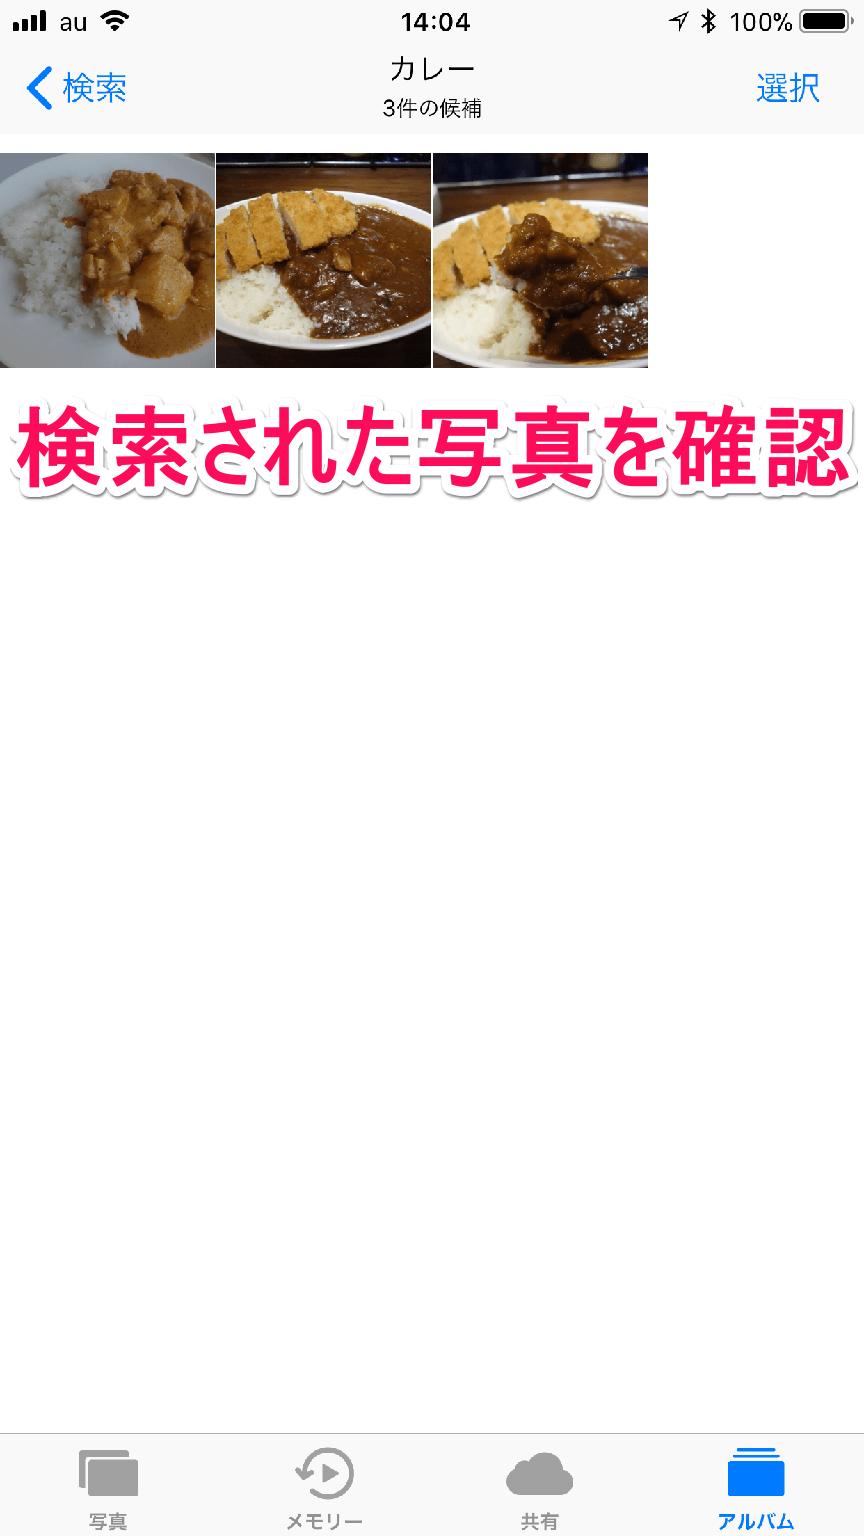 iPhone(アイフォーン)の[写真]アプリの検索結果を確認している画面